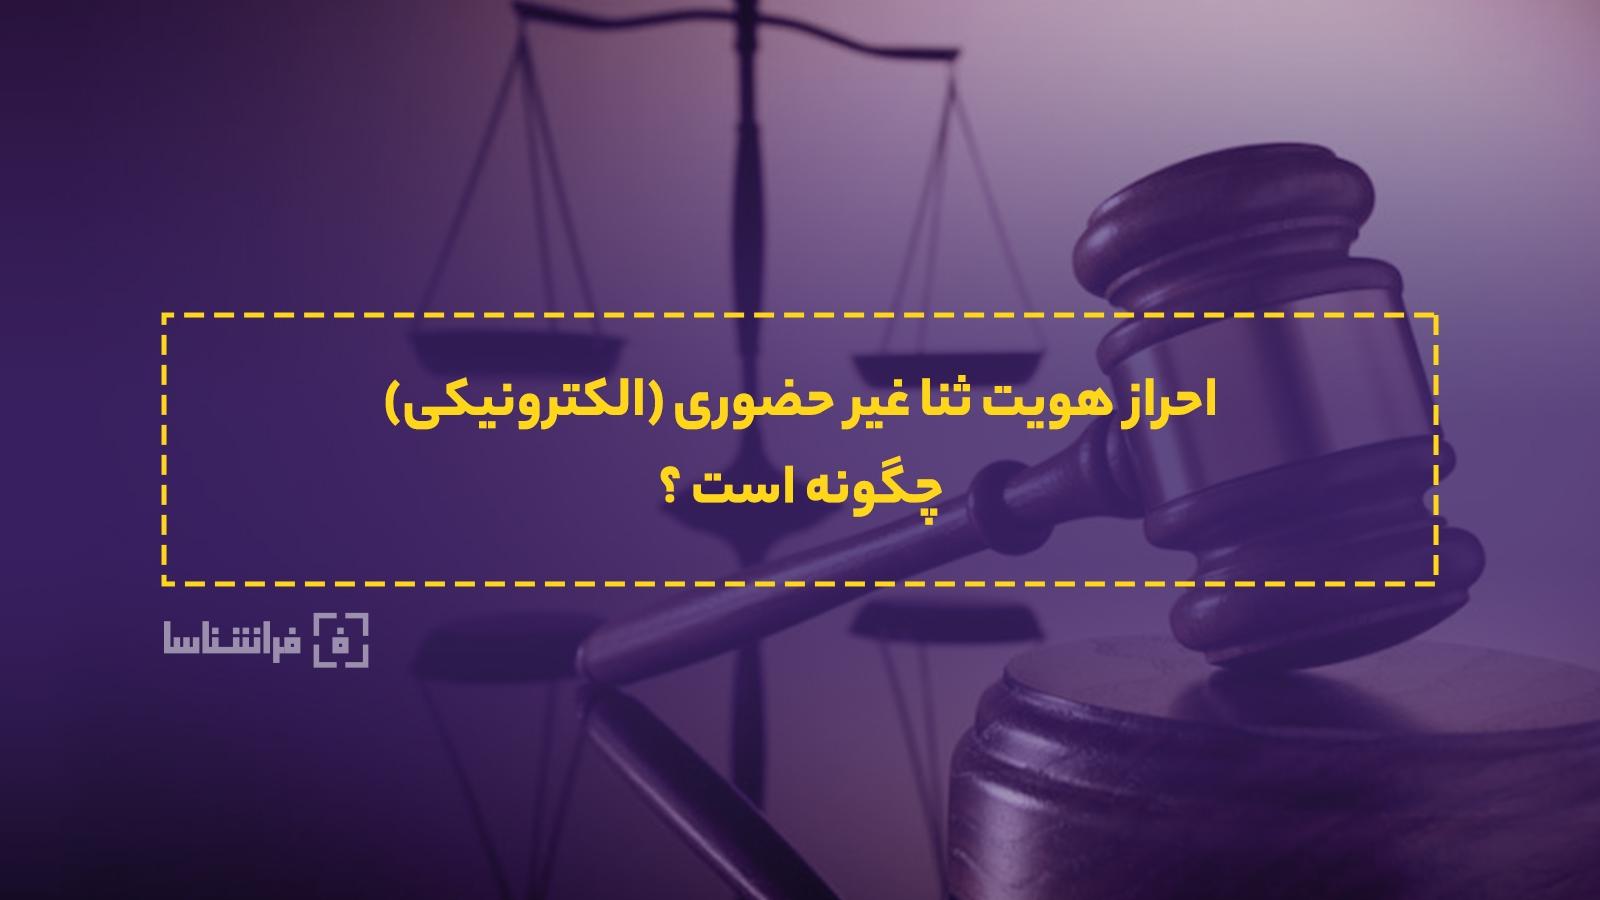 احراز هویت ثنا - احراز هویت ثنا غیر حضوری - احراز هویت ثنا آنلاین